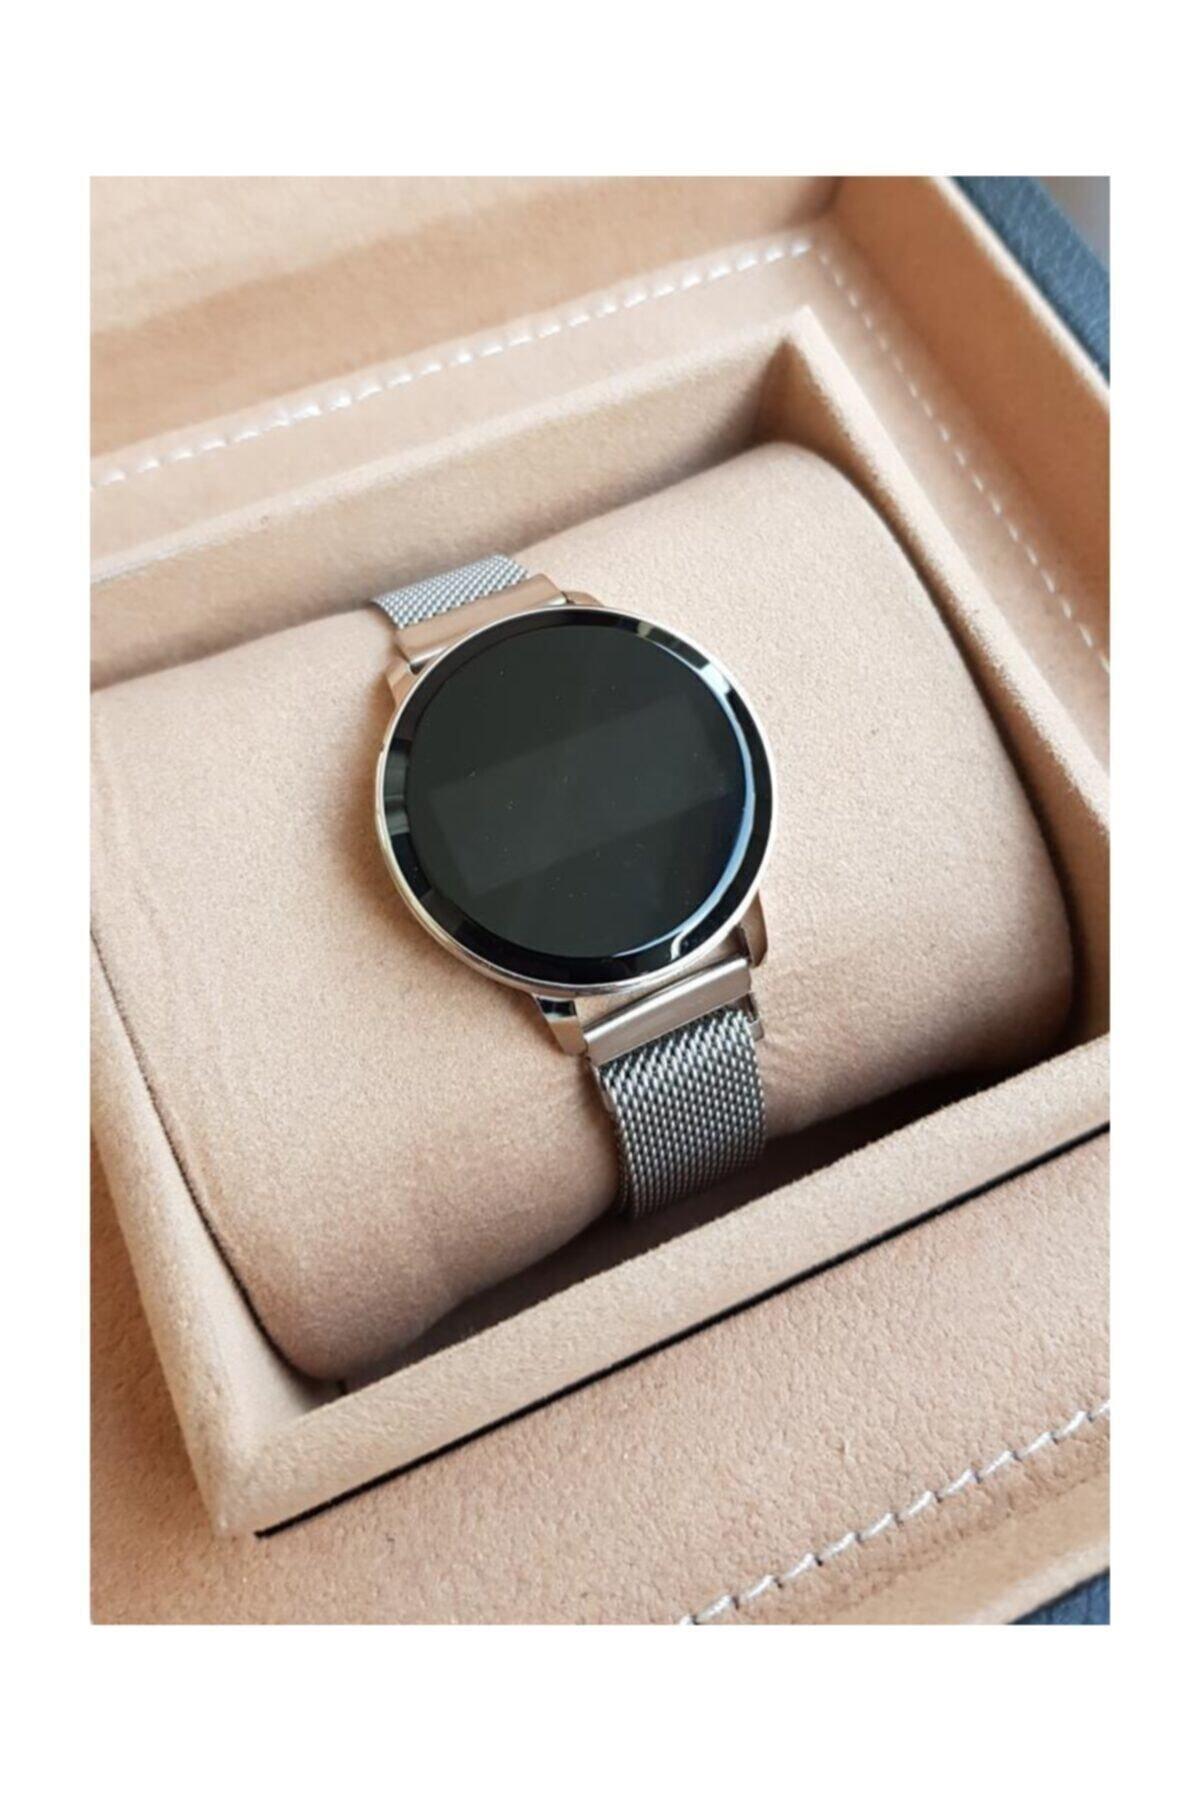 Spectrum Kadın Gümüş Hasır Mıknatıslı Kordon Dokunmatik Ekranlı Saati 1